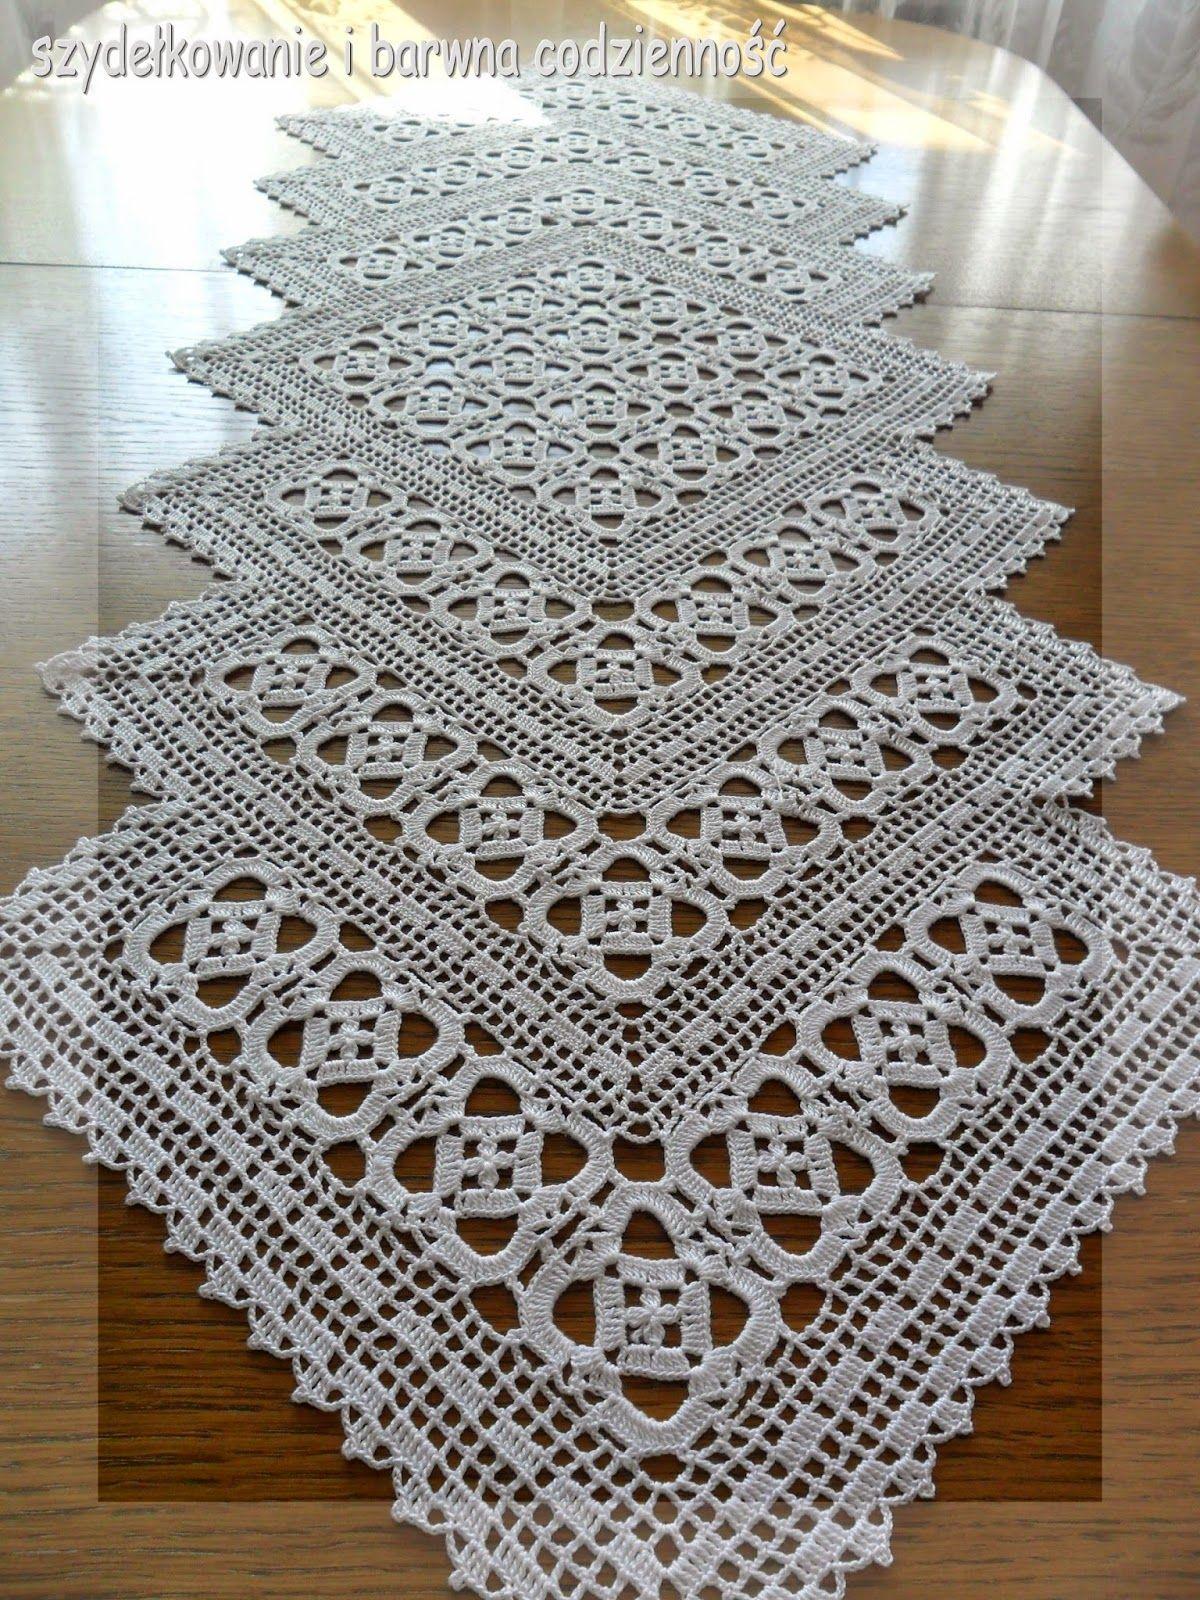 szydełkowanie i barwna codzienność... | croché | Pinterest | Crochet ...